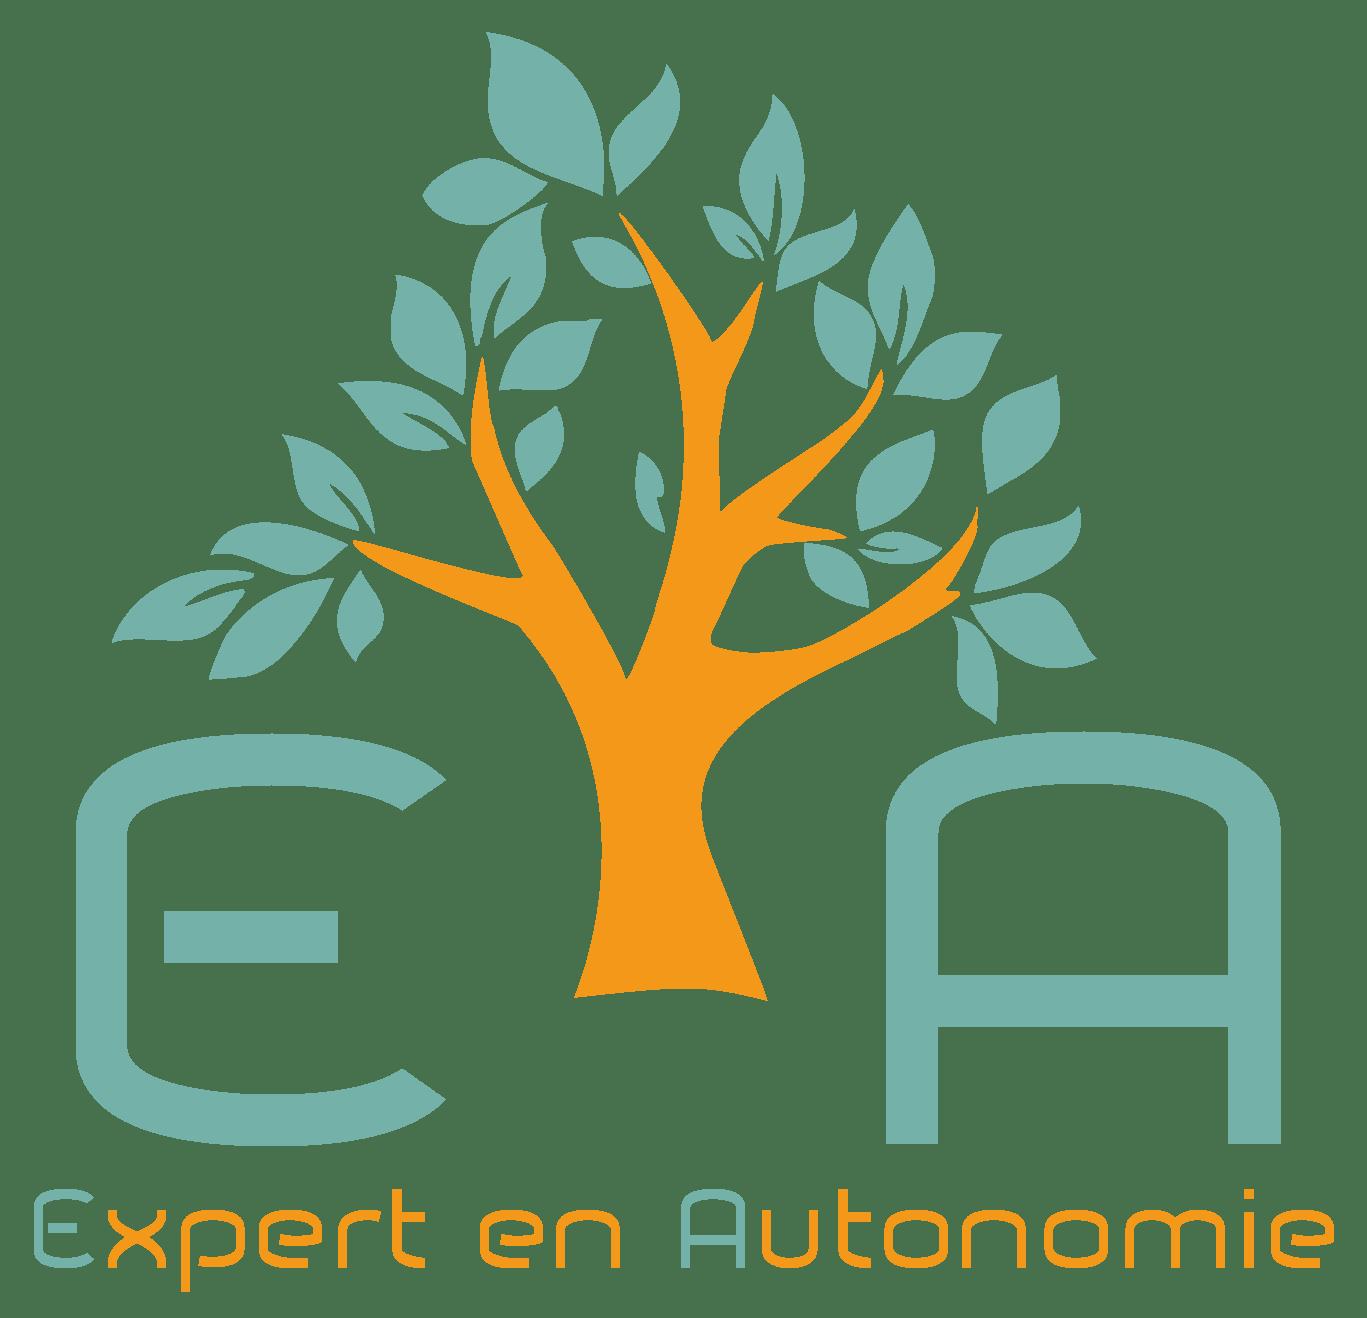 Expert en Autonomie